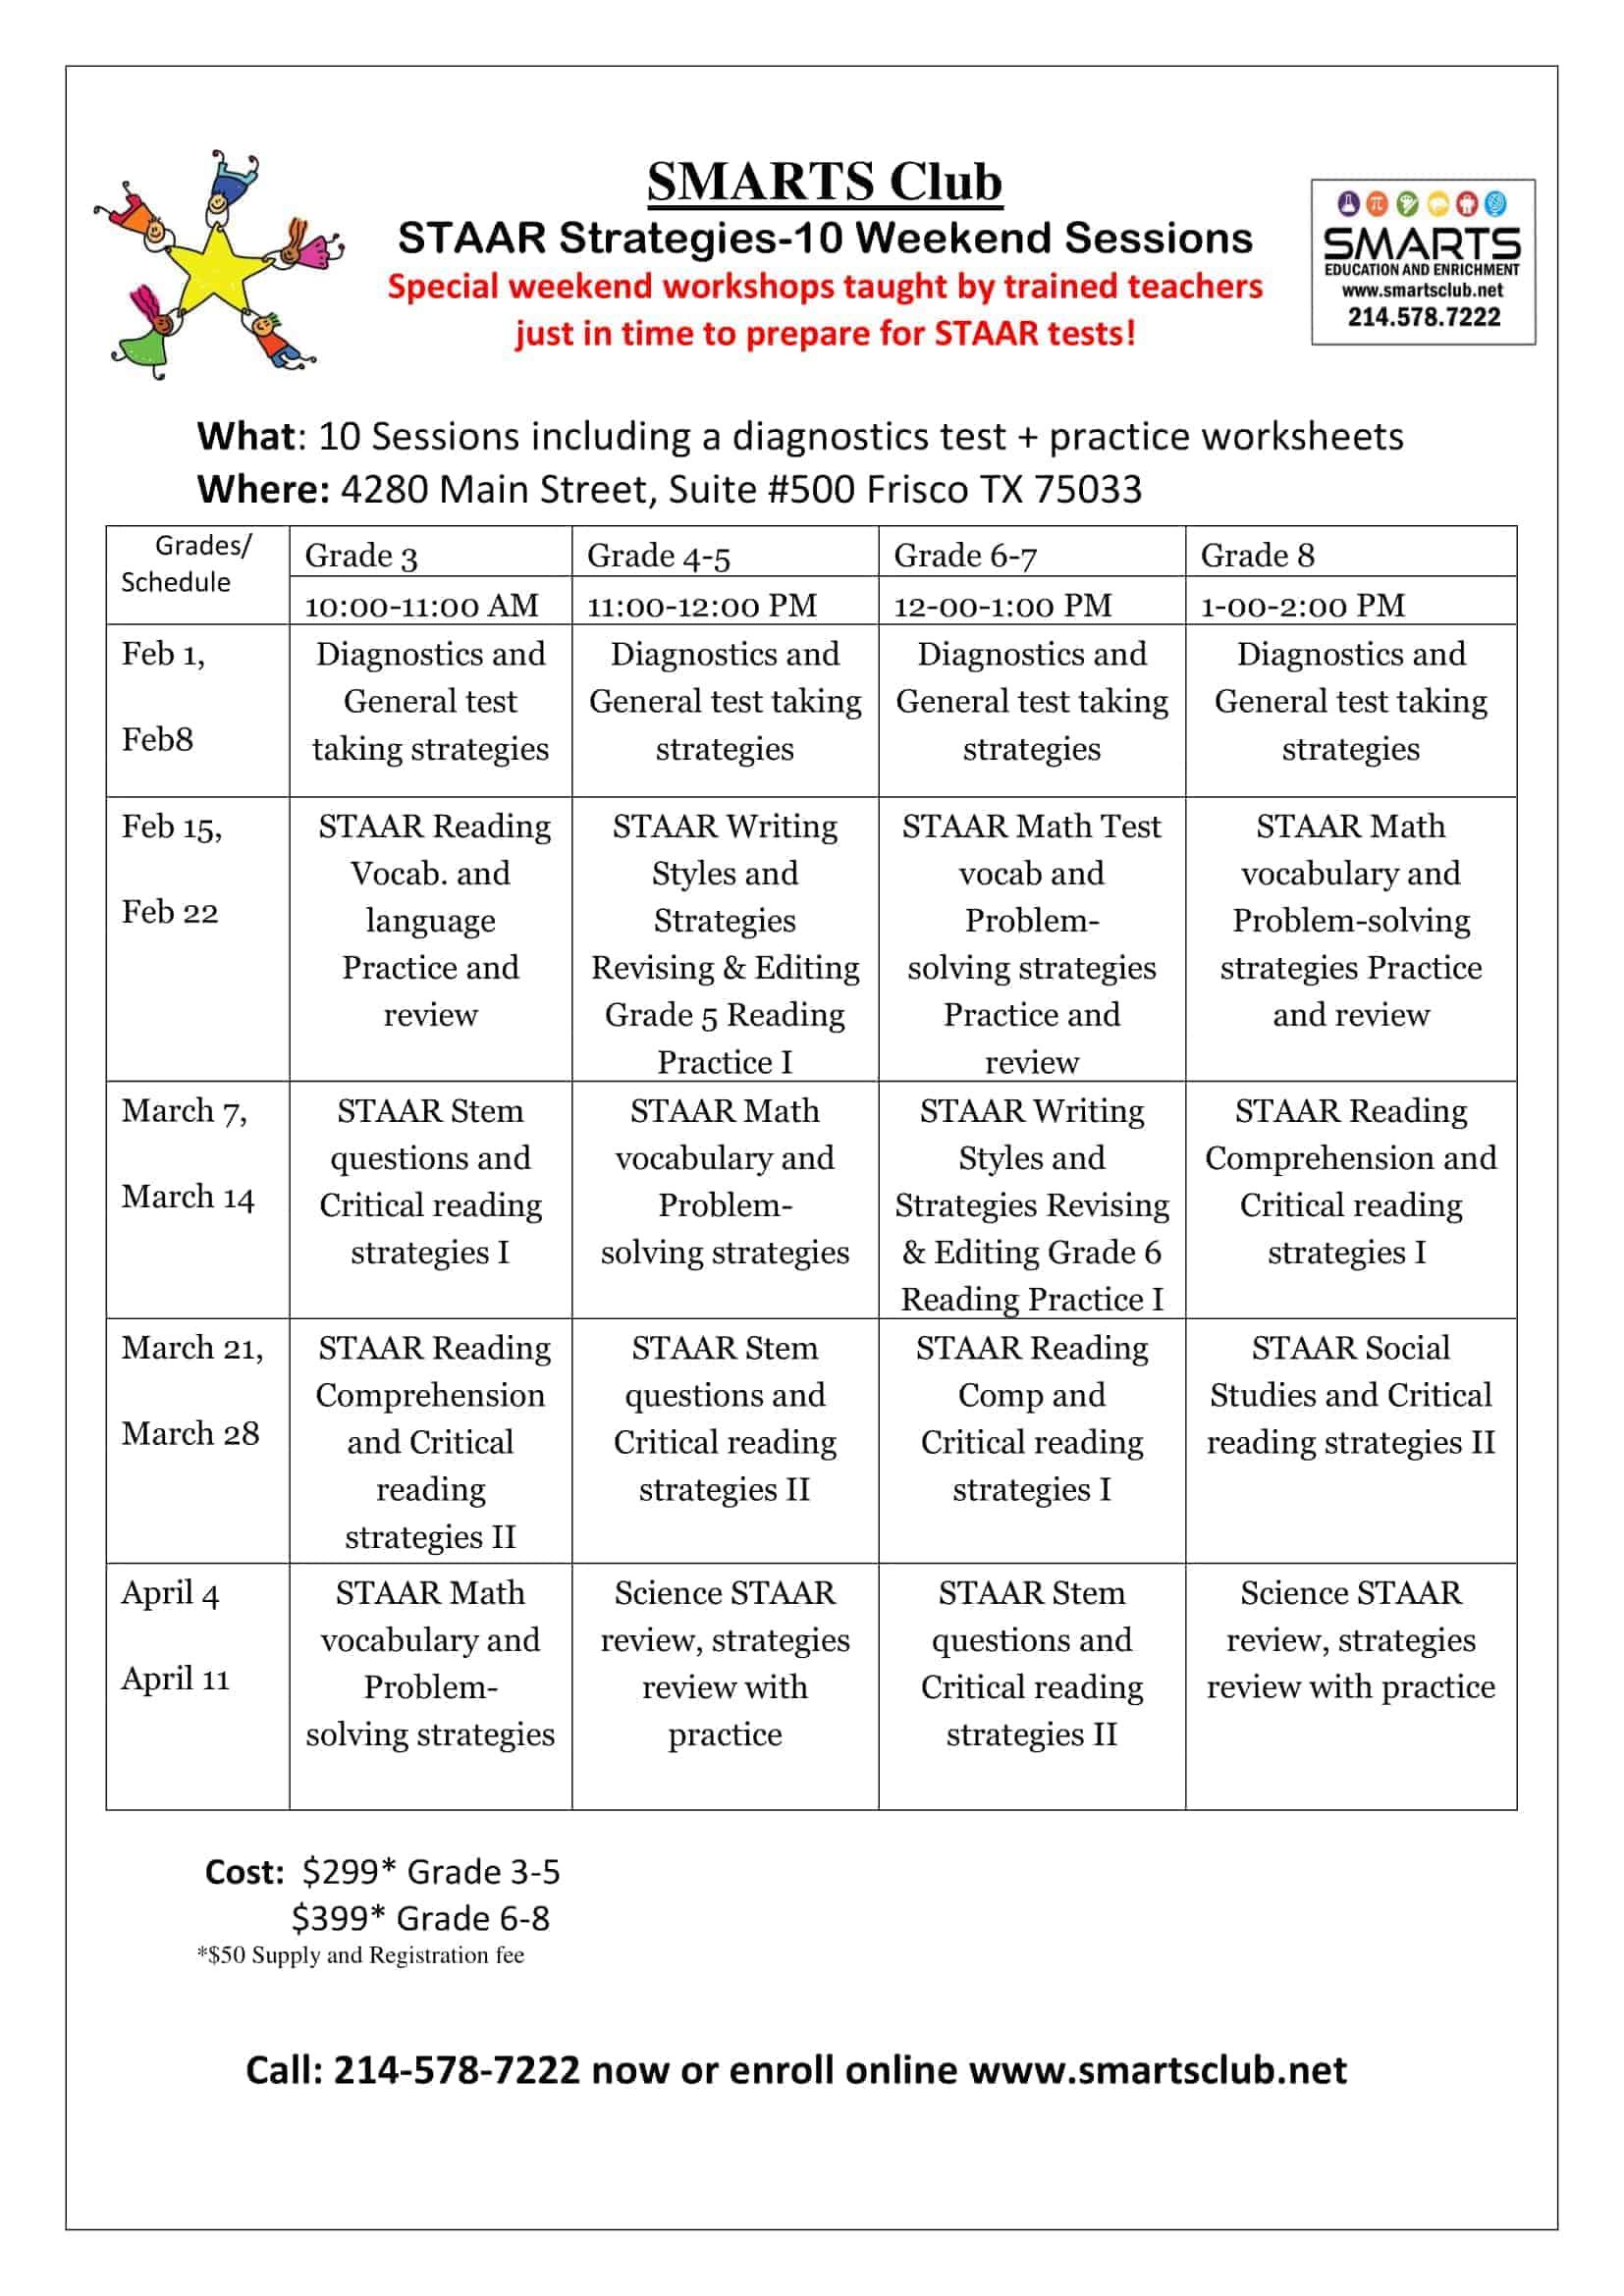 staar strategies workshop